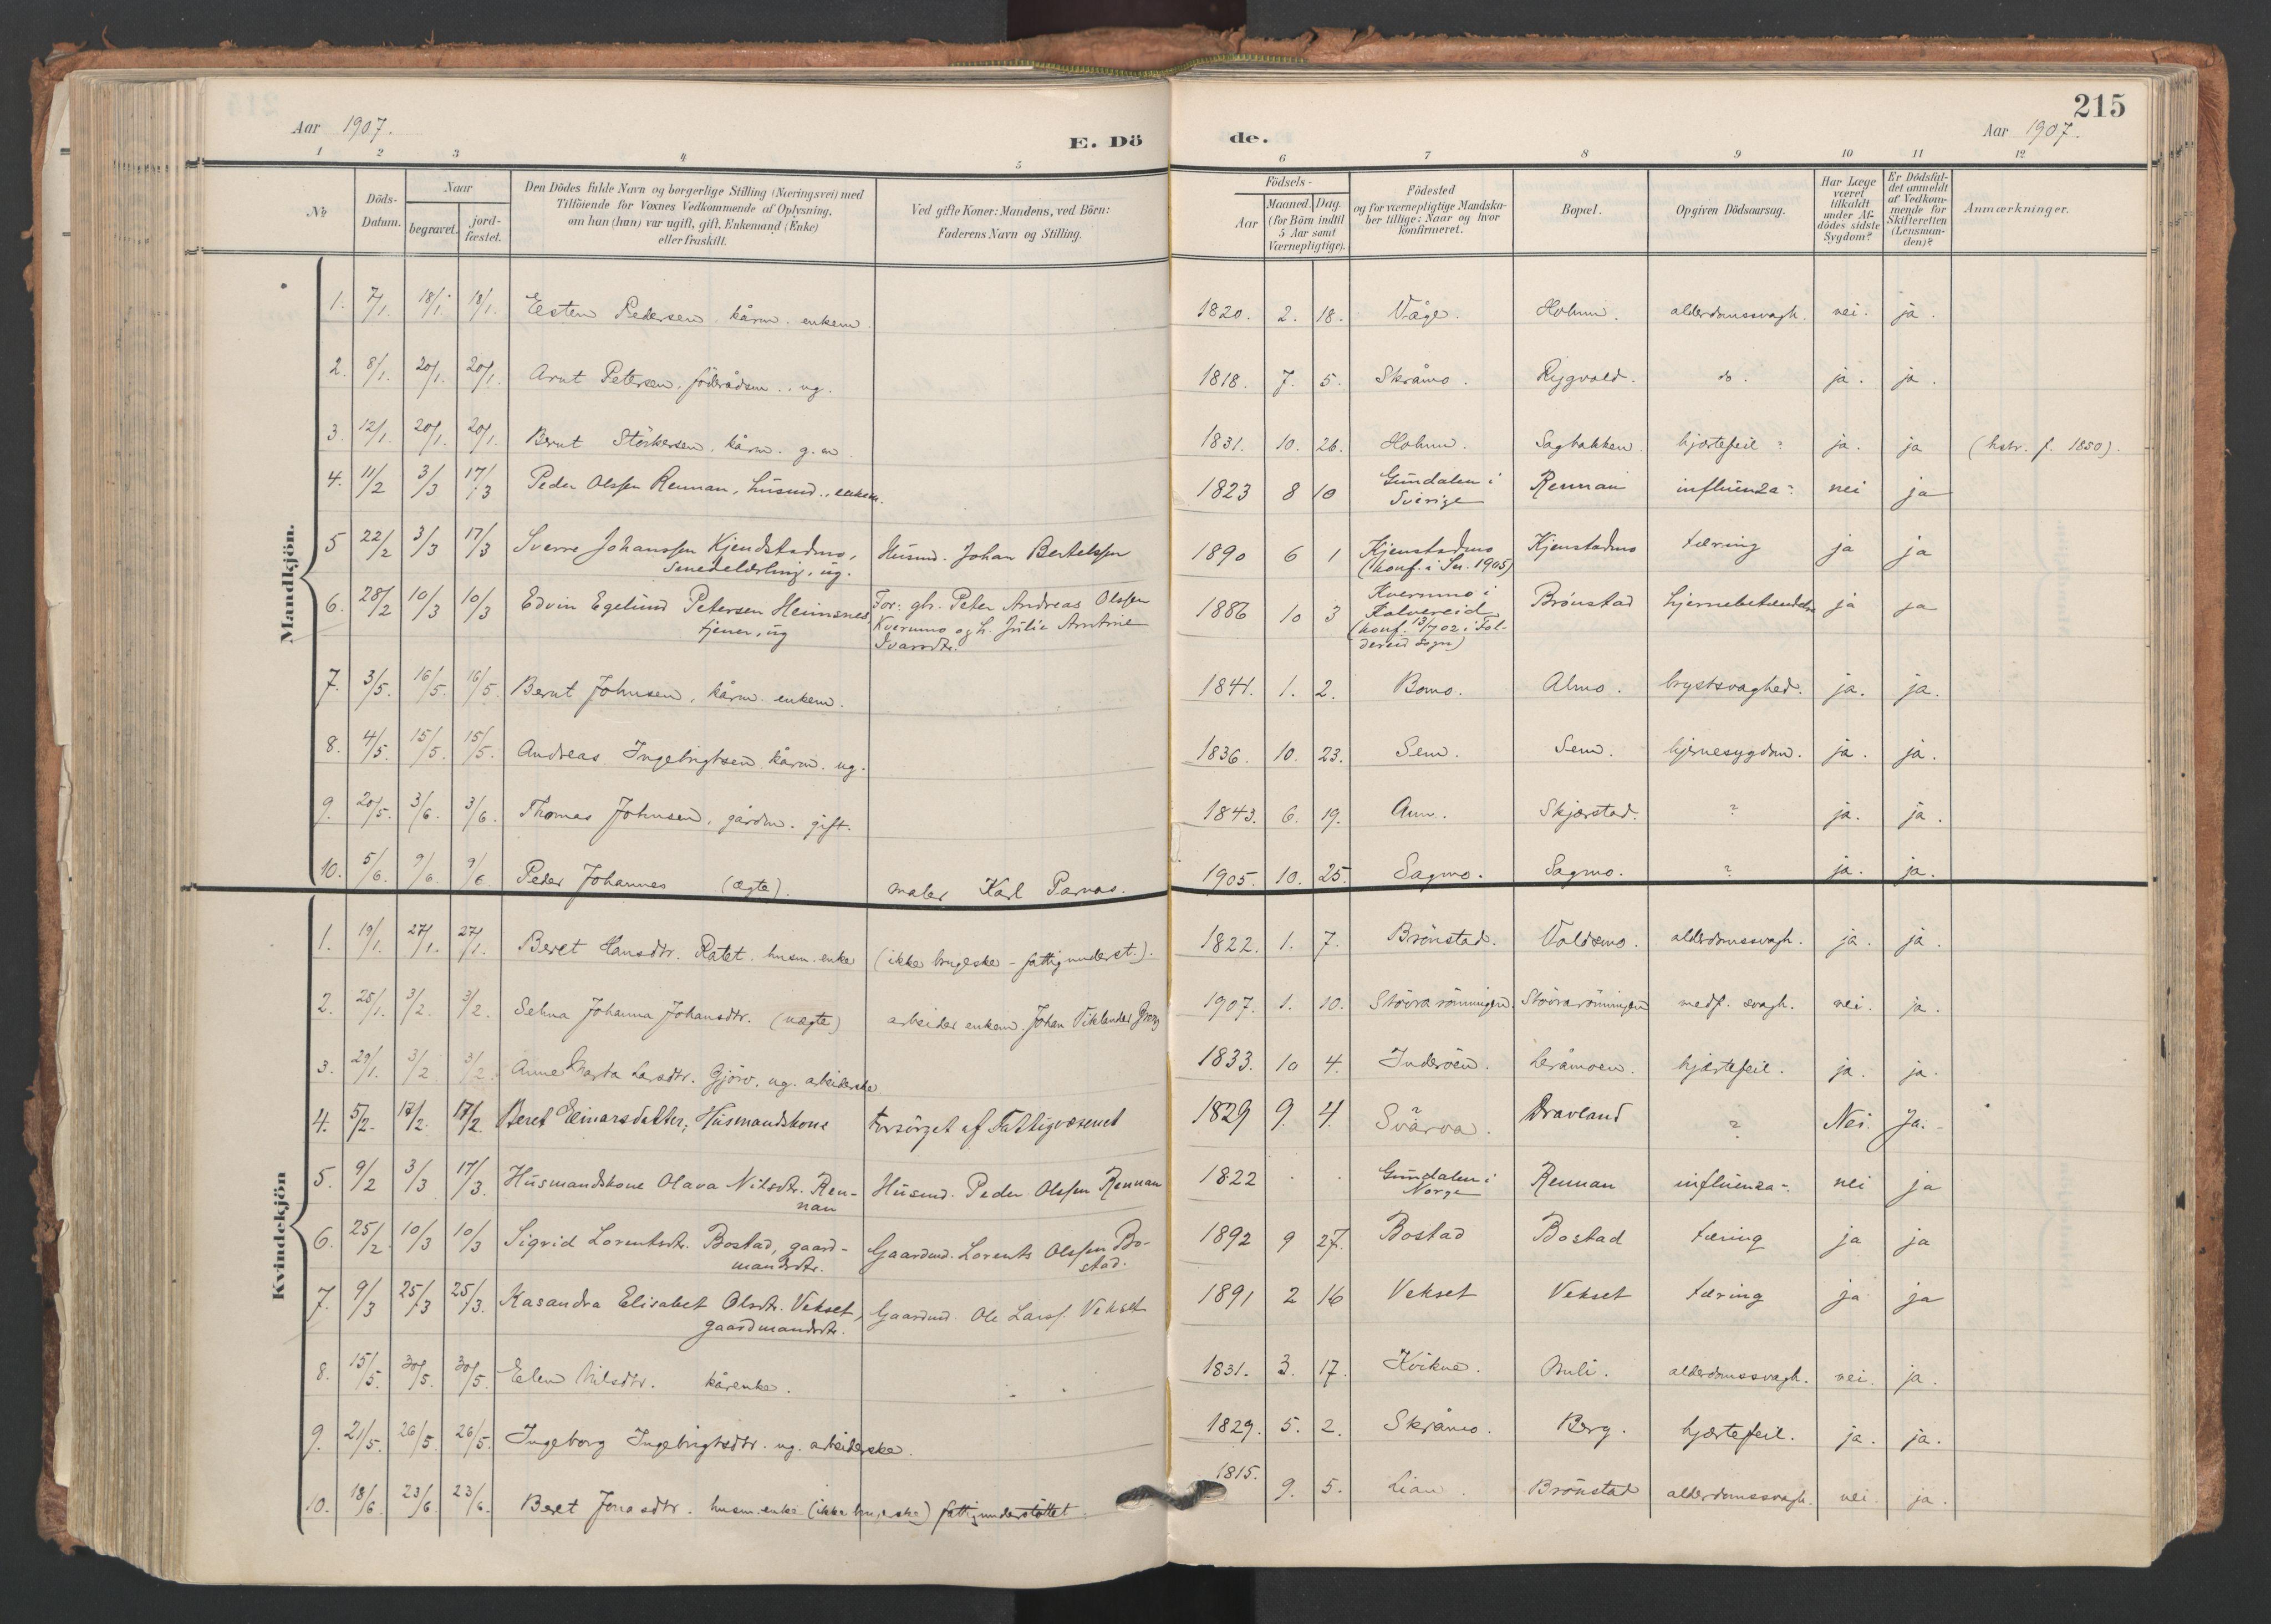 SAT, Ministerialprotokoller, klokkerbøker og fødselsregistre - Nord-Trøndelag, 749/L0477: Ministerialbok nr. 749A11, 1902-1927, s. 215